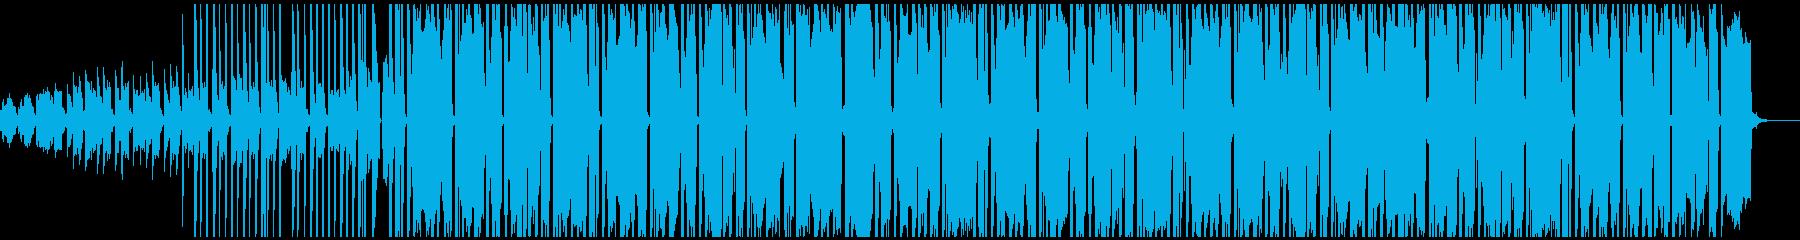 お洒落なピアノと太いベースが特徴のビートの再生済みの波形